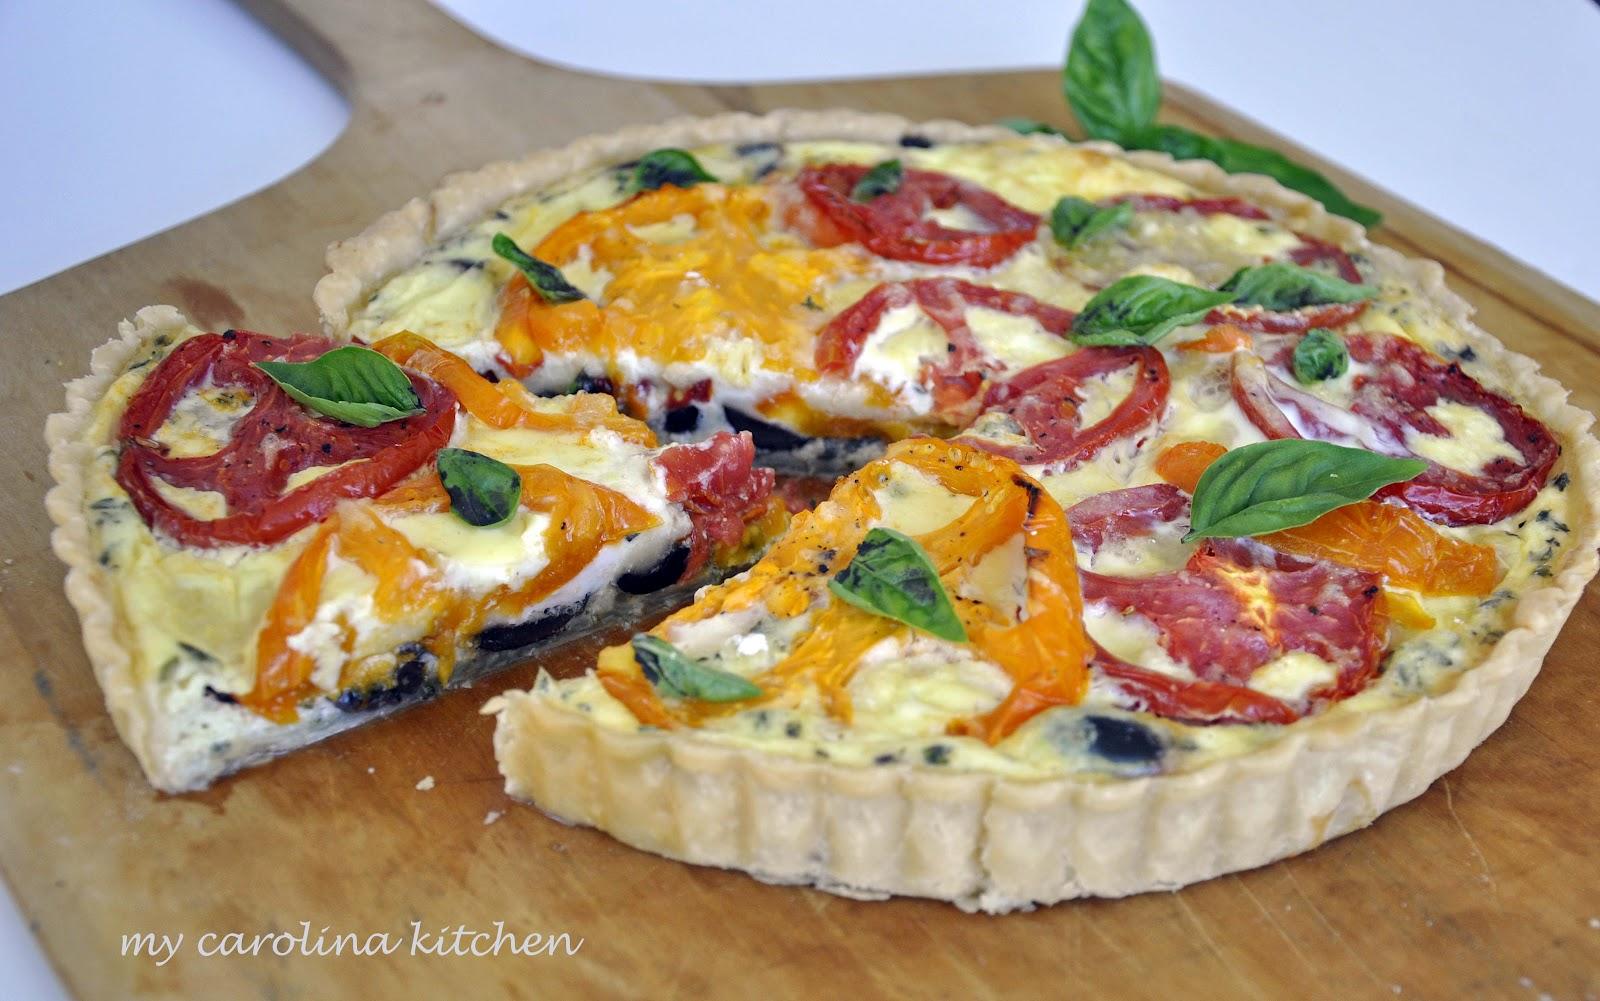 Test Kitchen Tomato Tart